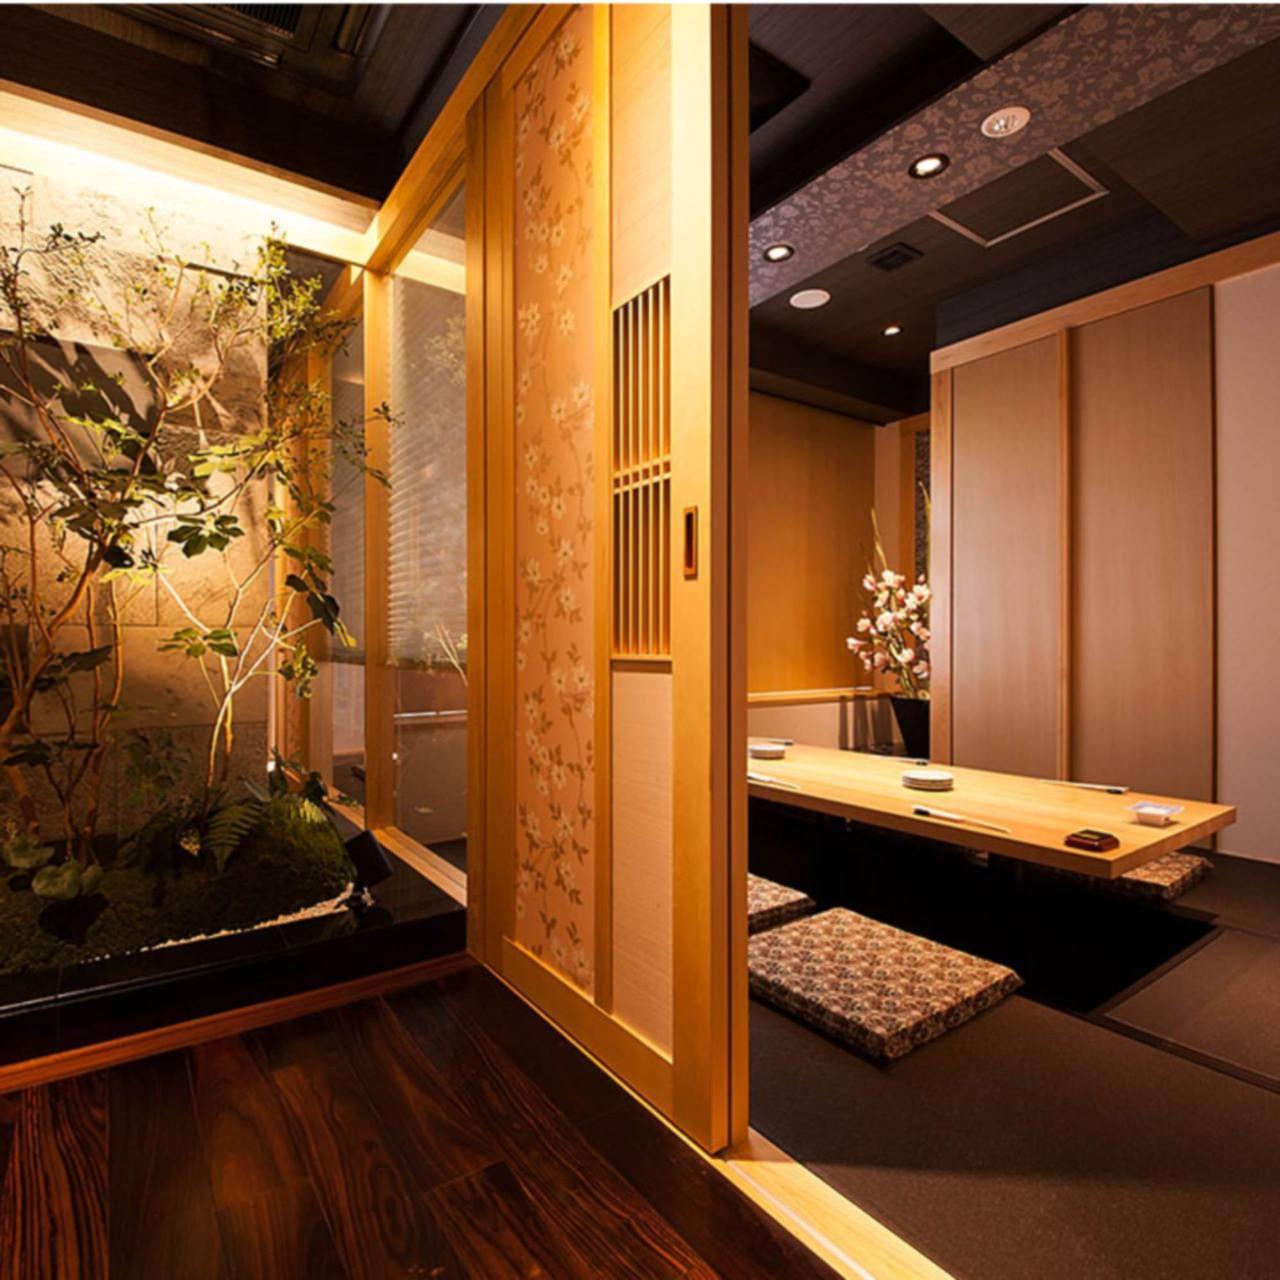 2名様~寛ぎの個室空間をご用意♪上野でのデートや接待に◎